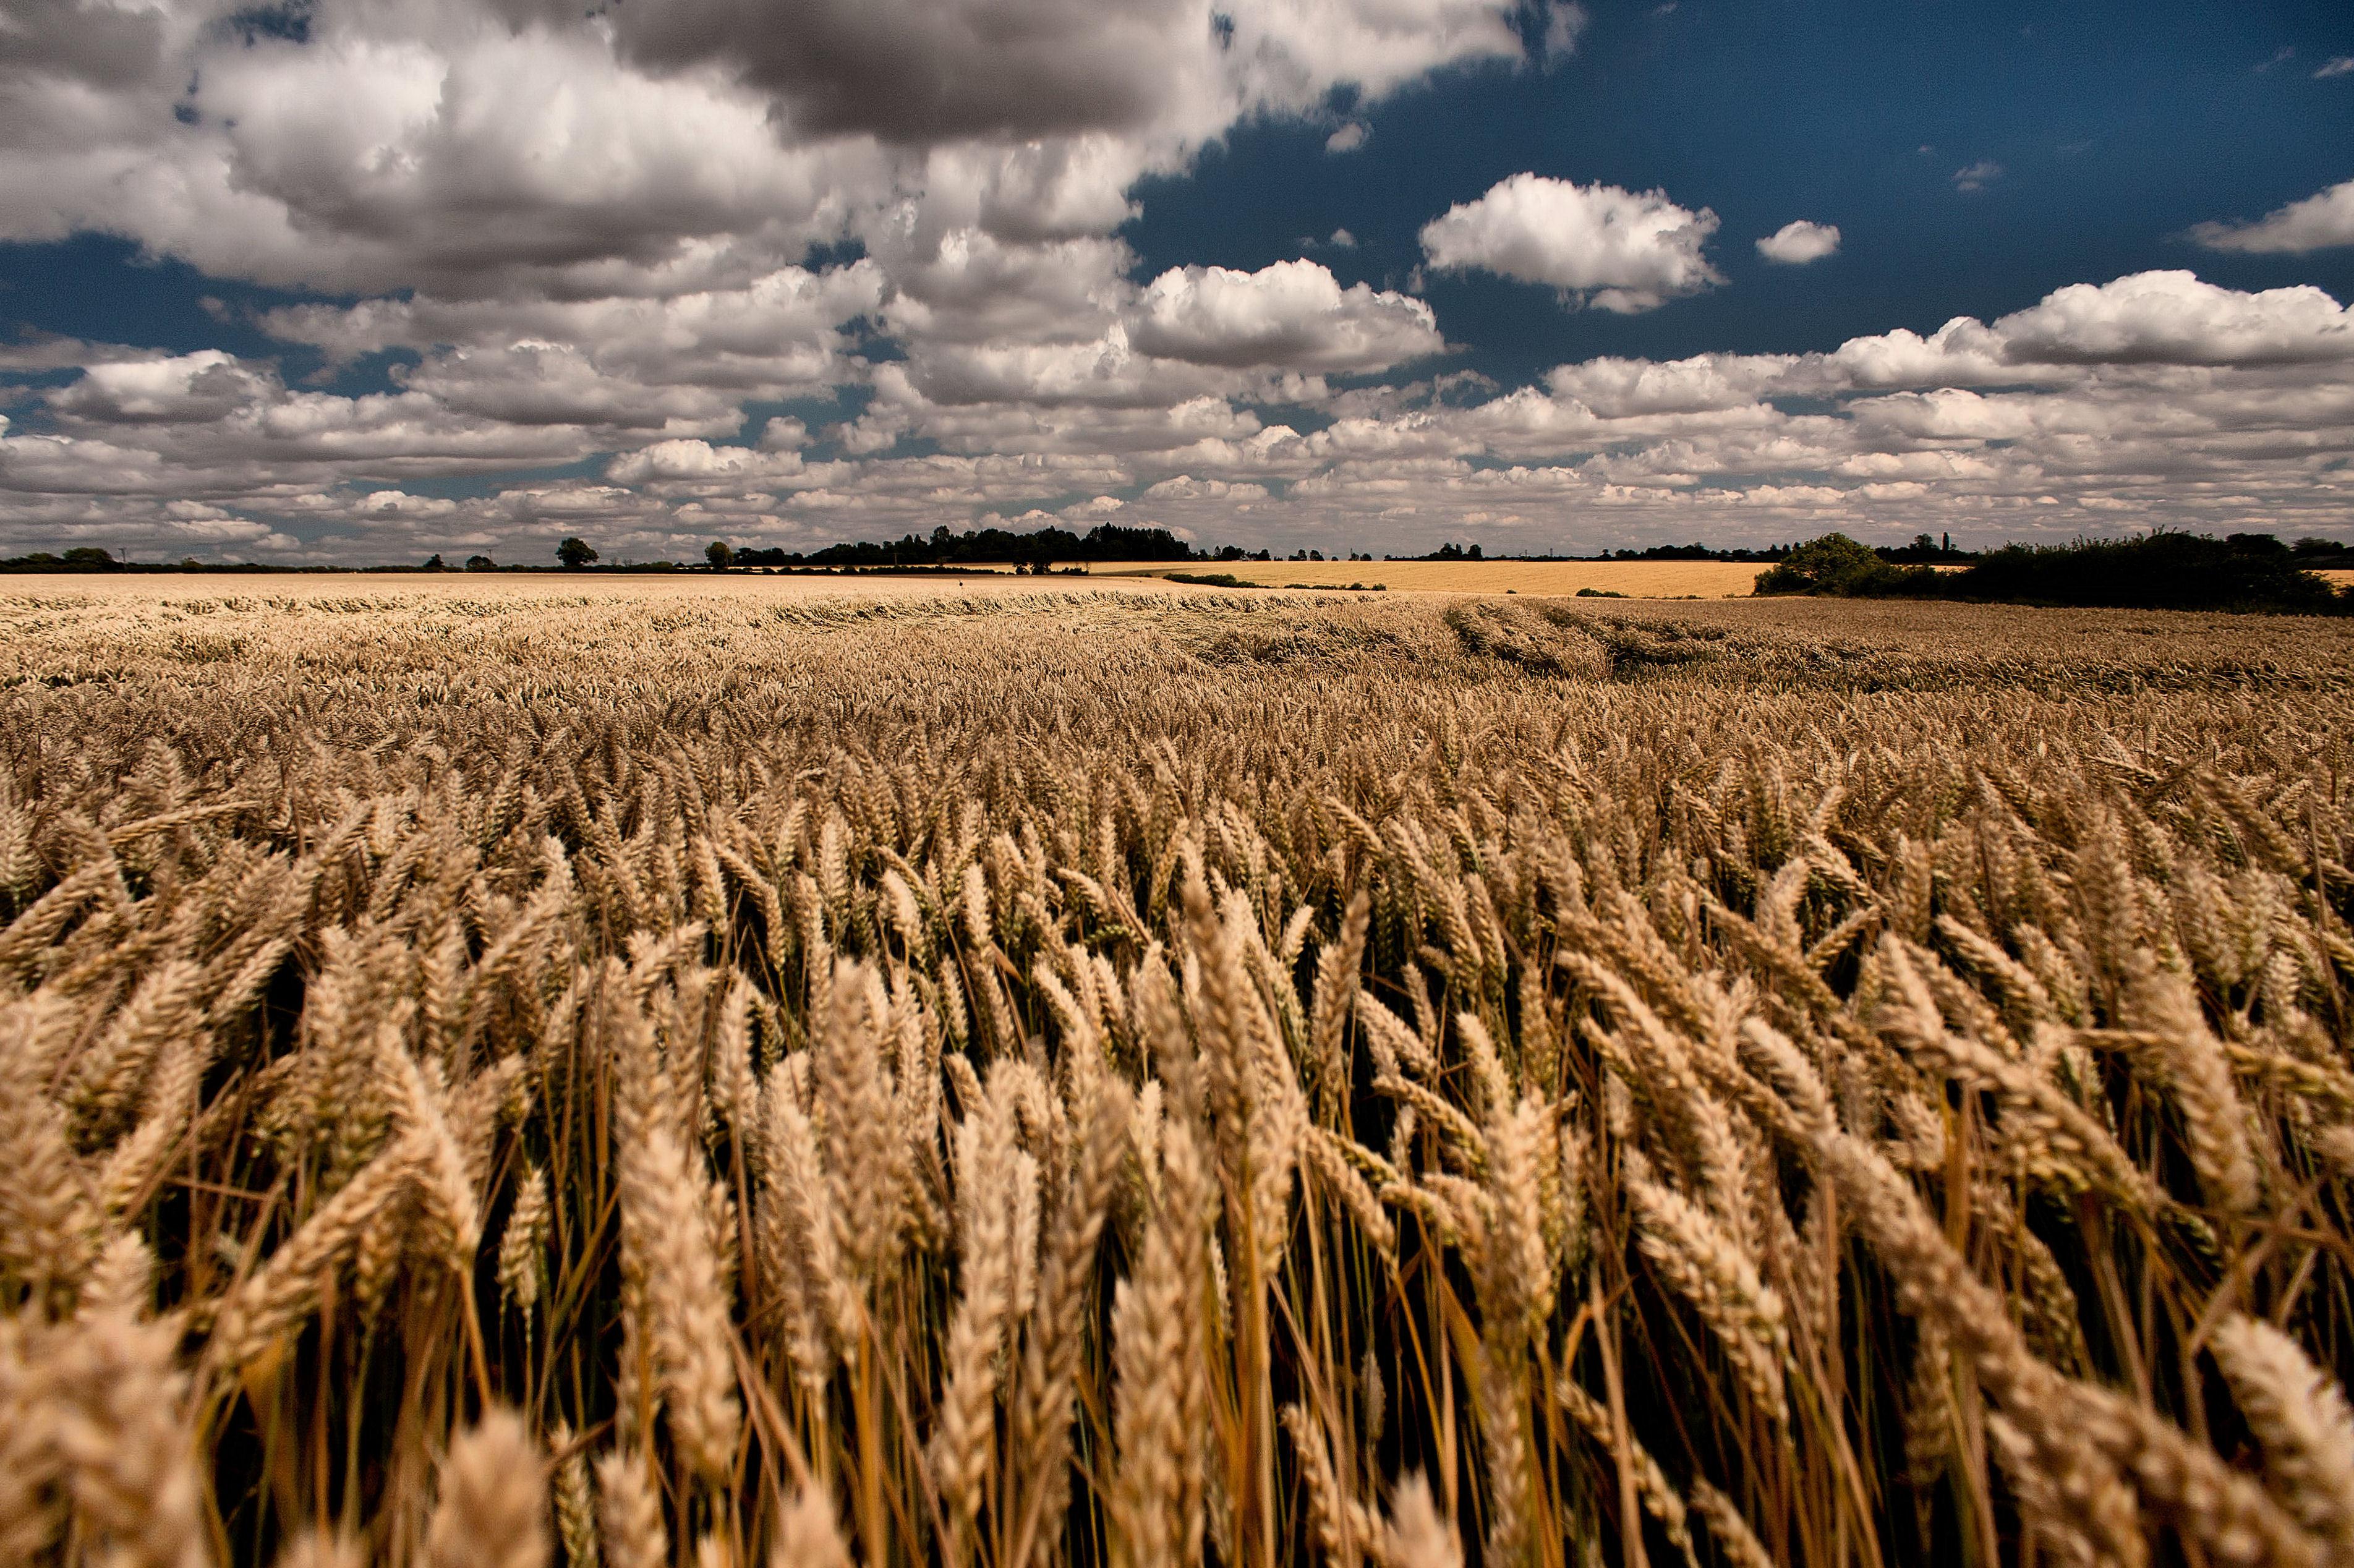 Сельское хозяйство картинки на рабочий стол